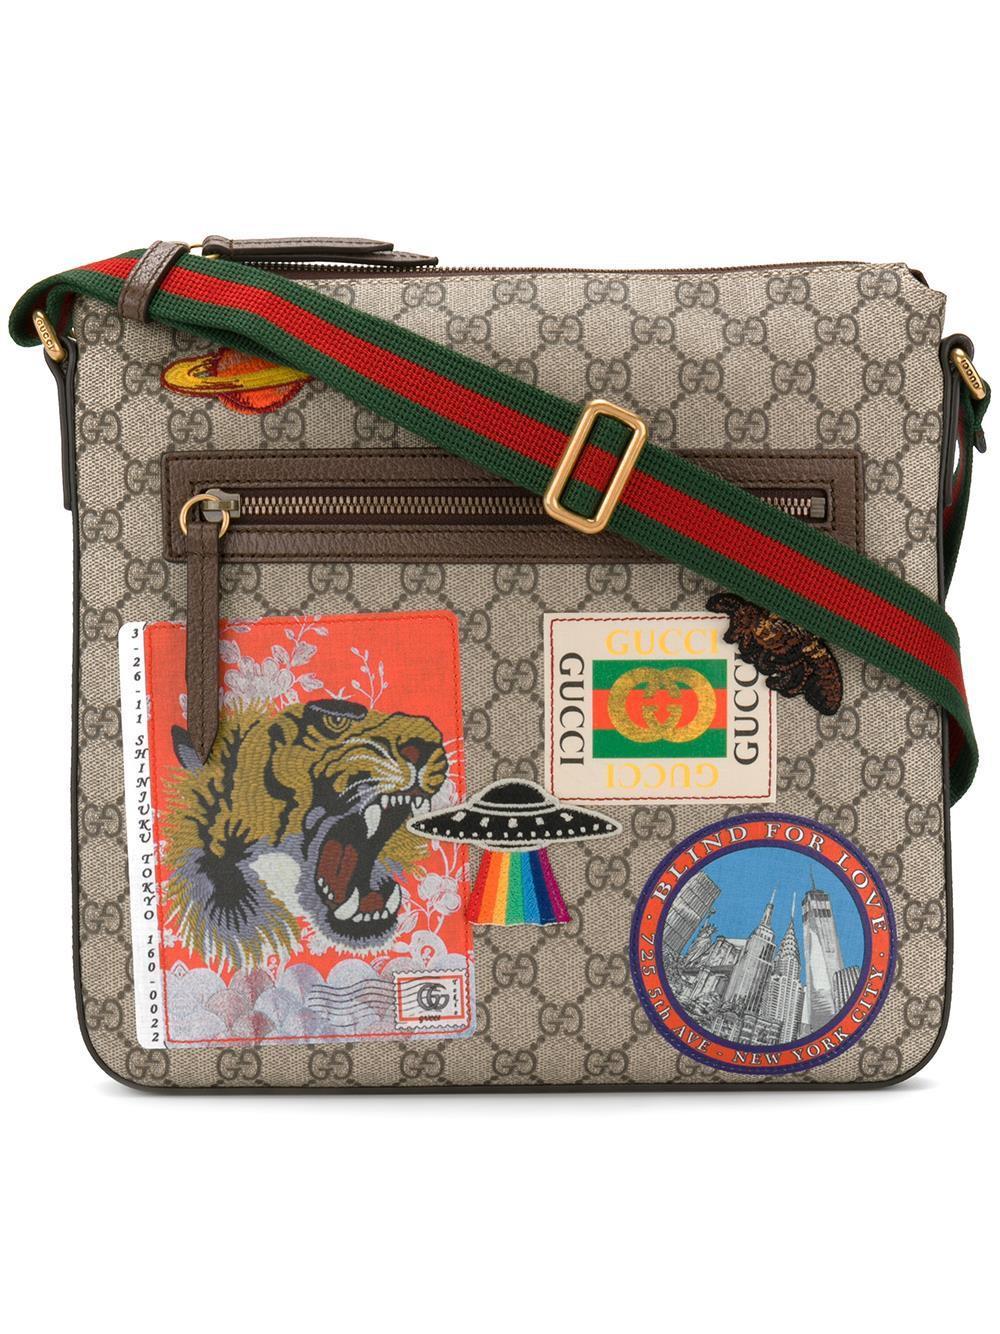 7e92f3a2f40e4 Lyst - Gucci Courrier Soft Gg Supreme Crossbody Bag for Men